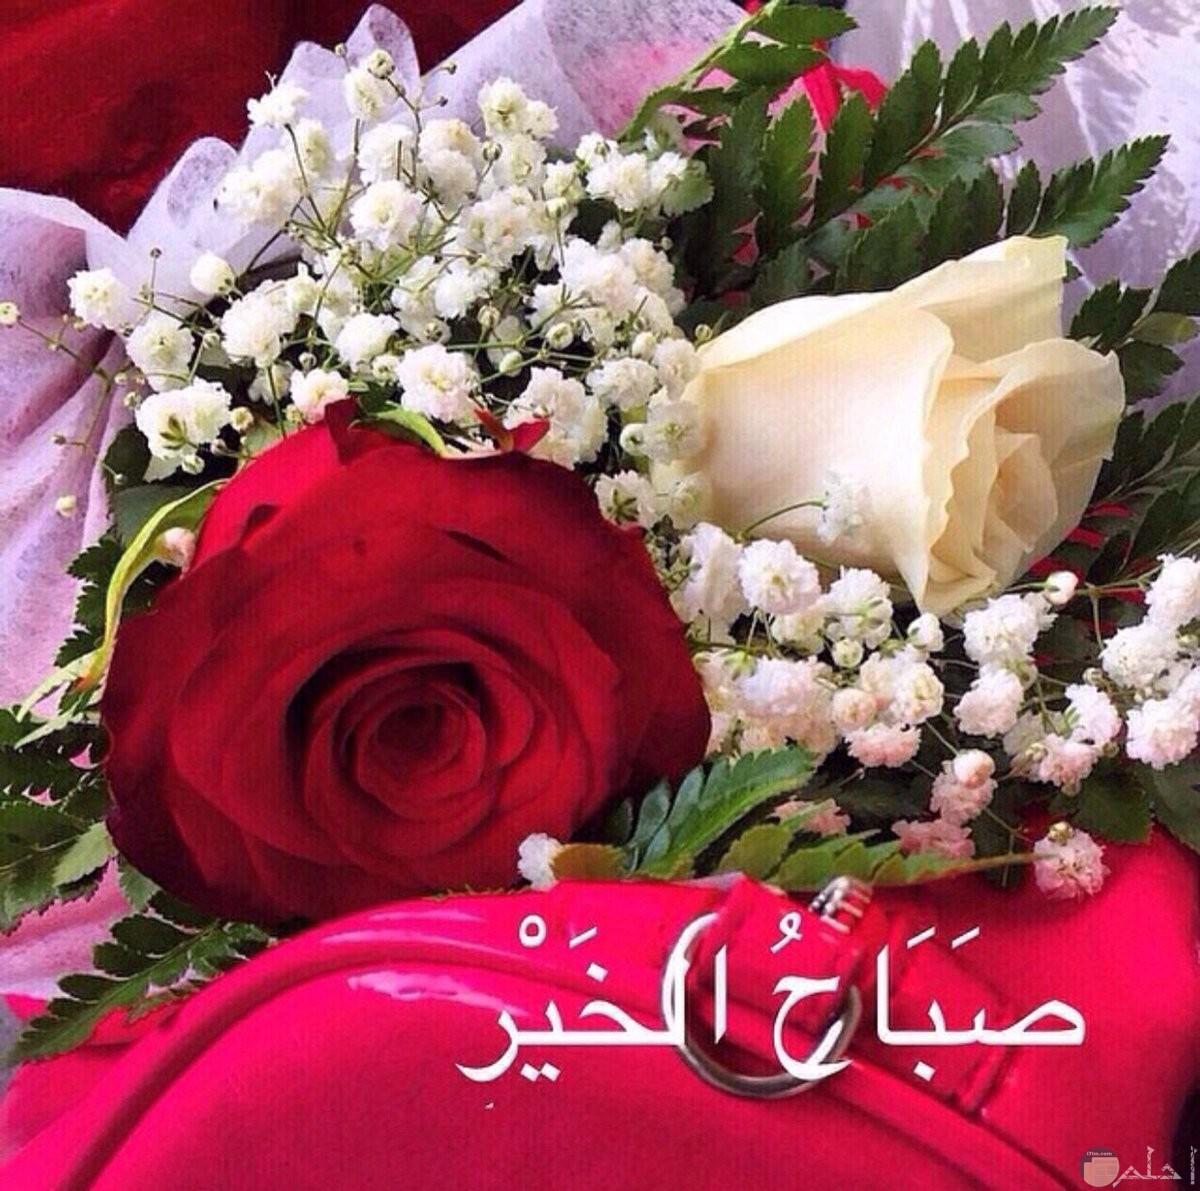 صورة باقة ورد مع صباح الخير.